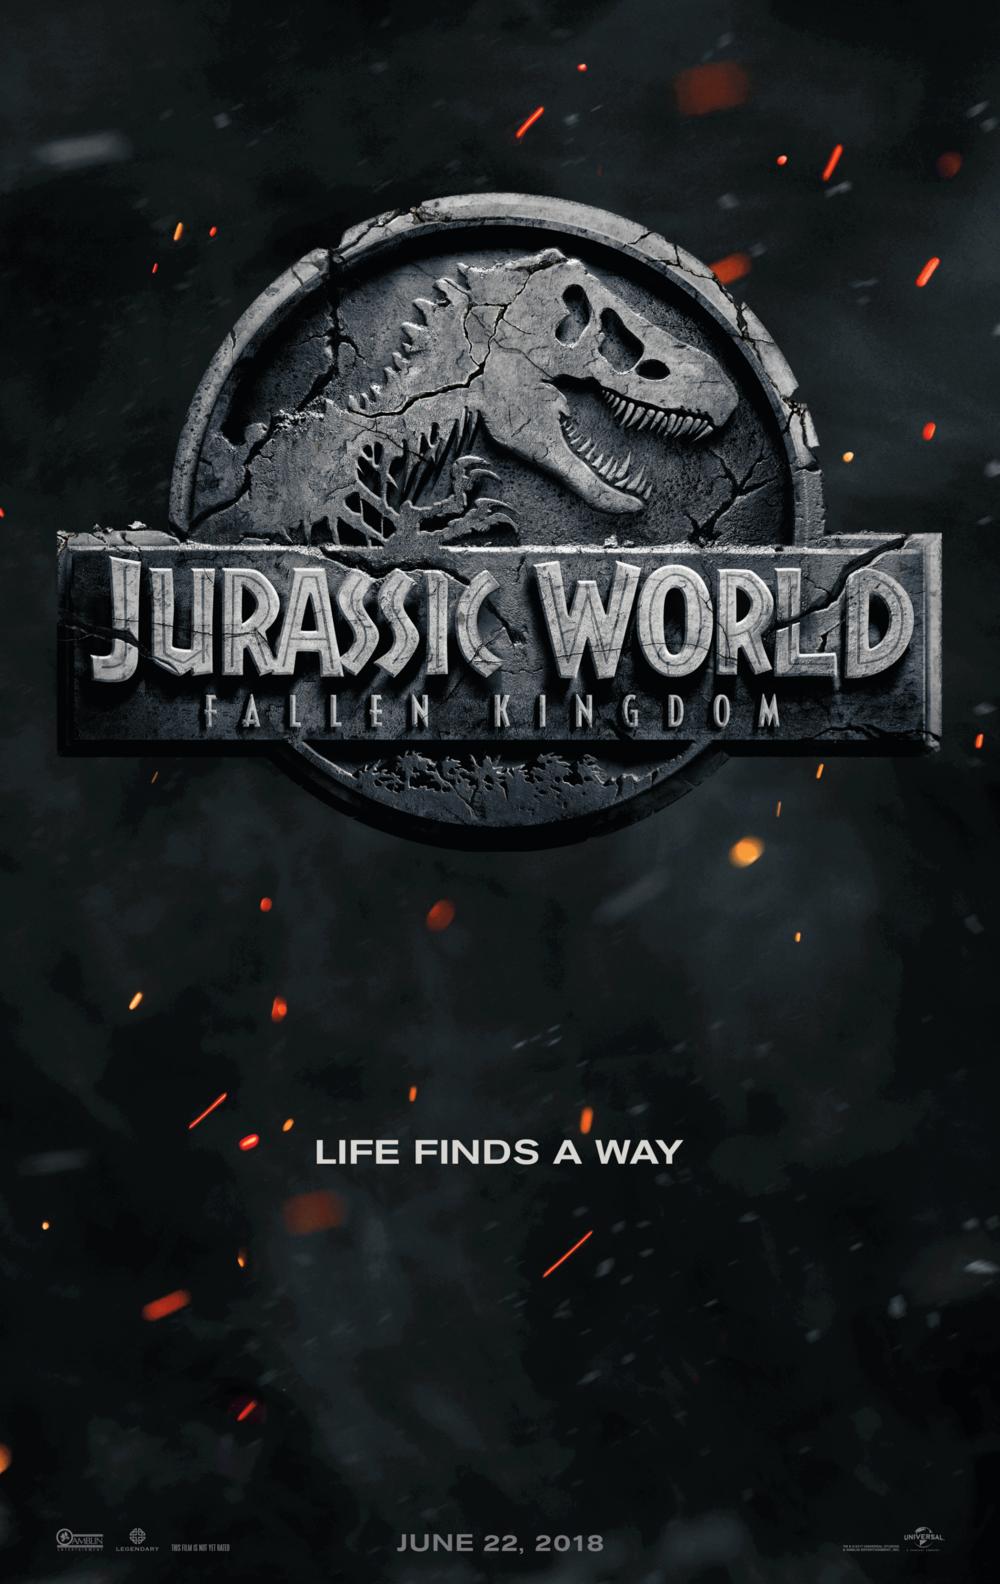 jurassic world fallen kingdom movie trailer